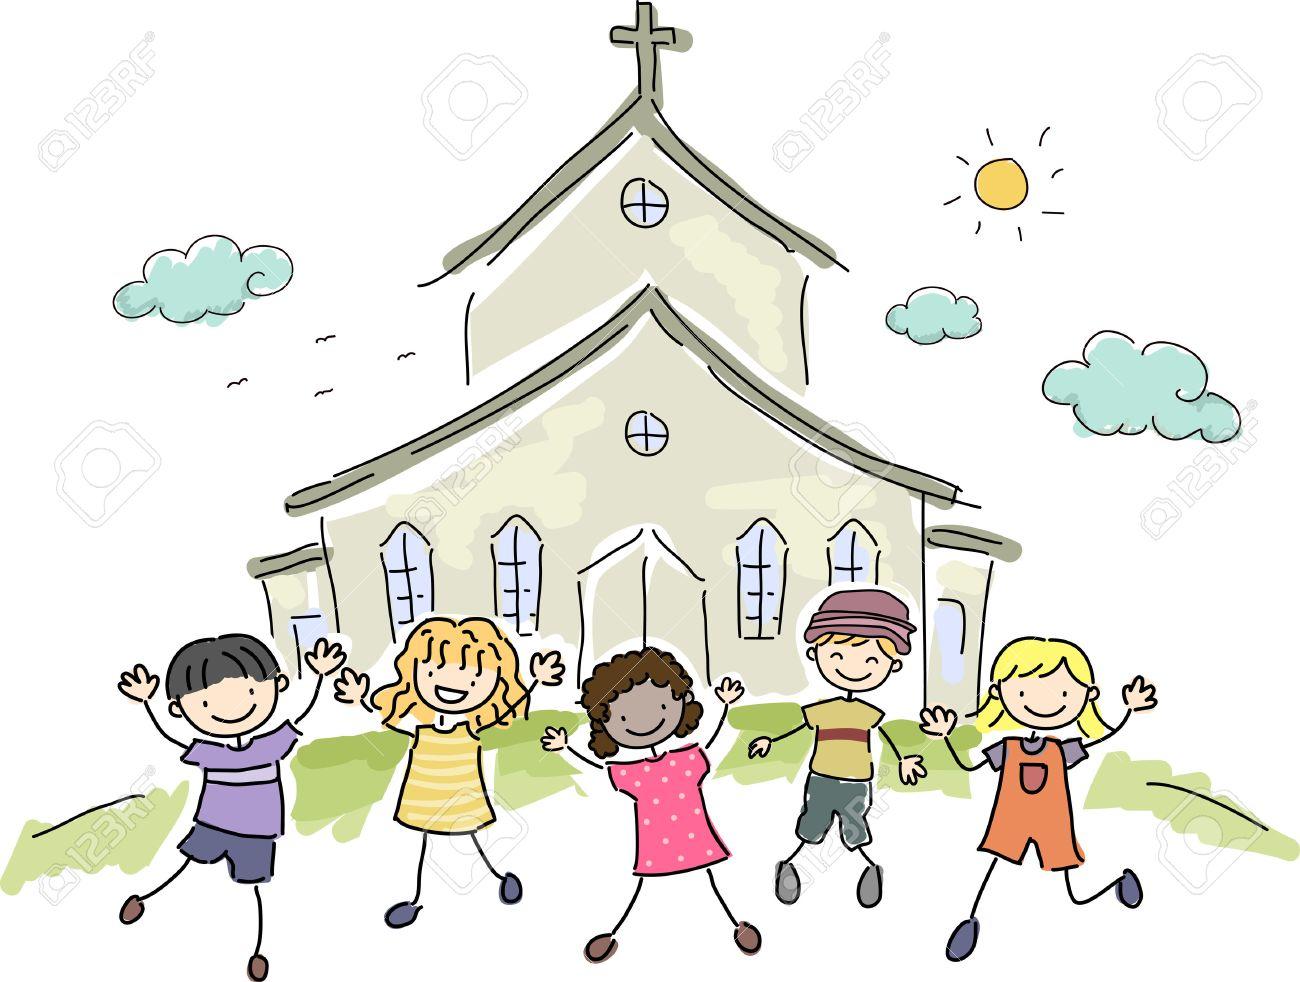 幸いにも教会の前に立っている子供たちのイラストのイラスト素材ベクタ